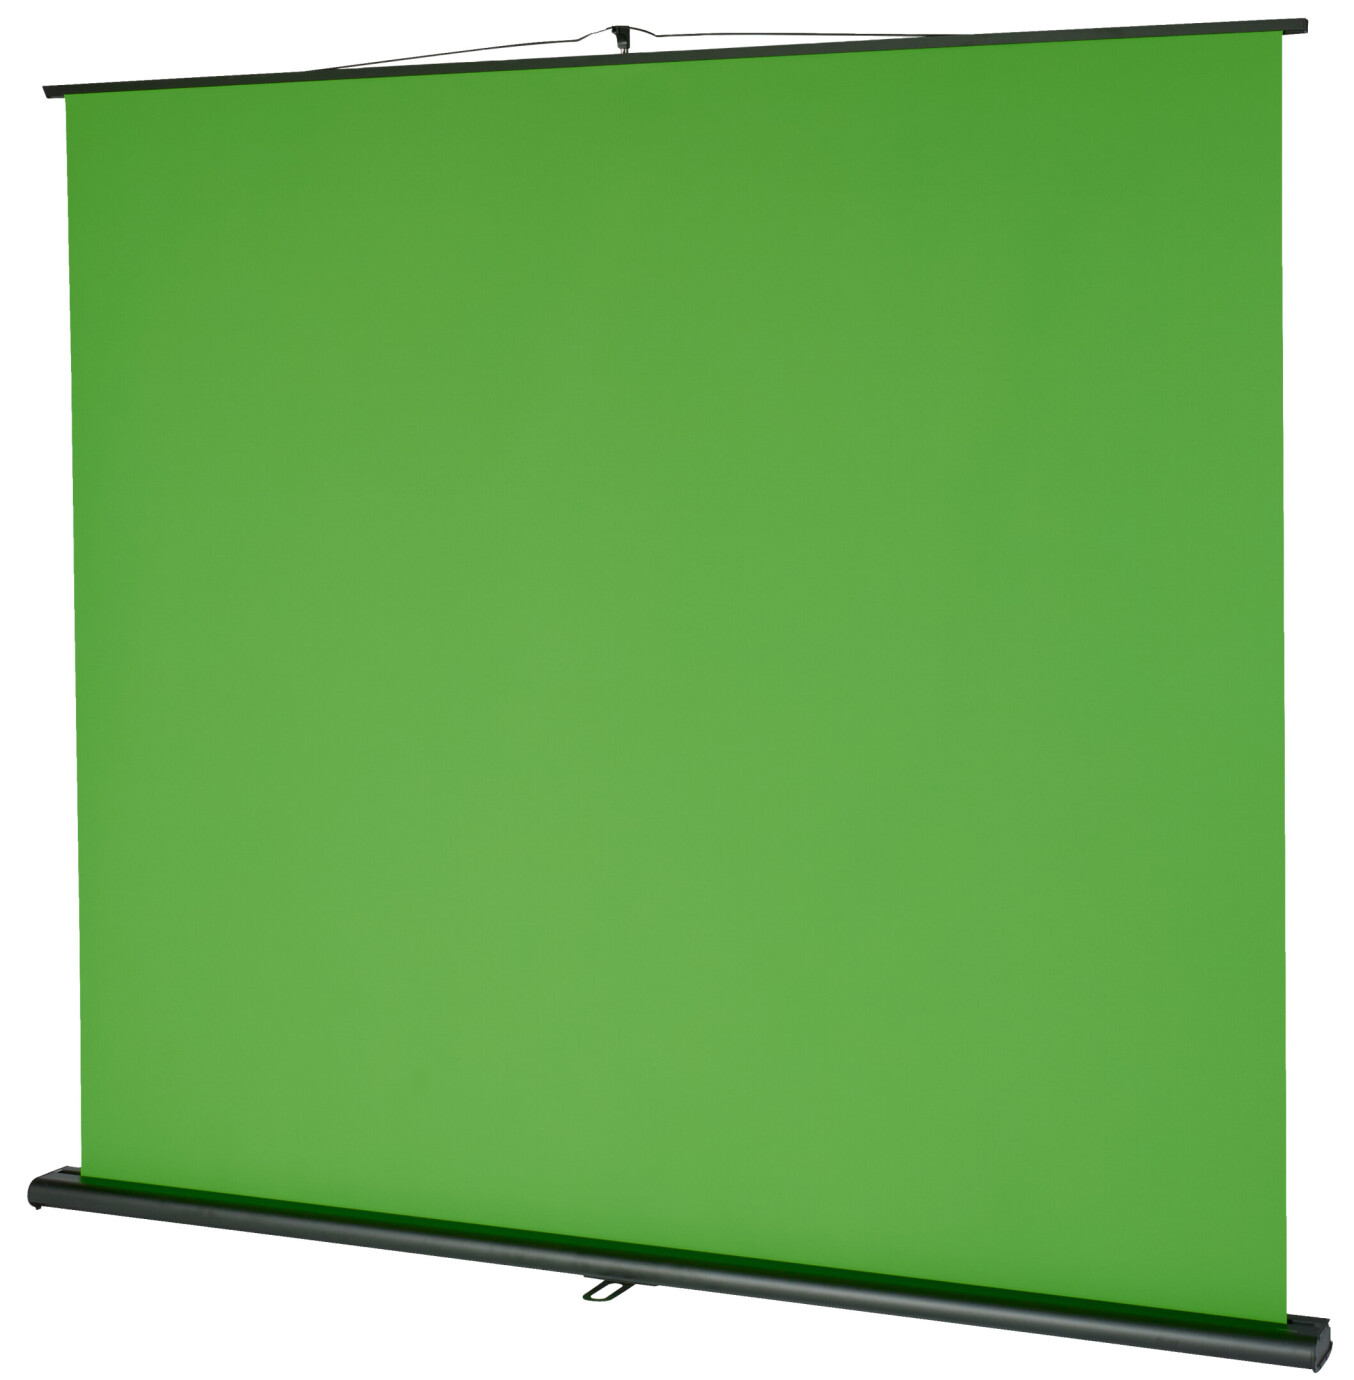 celexon Mobile Lite Chroma Key Green Screen 150 x 200 cm